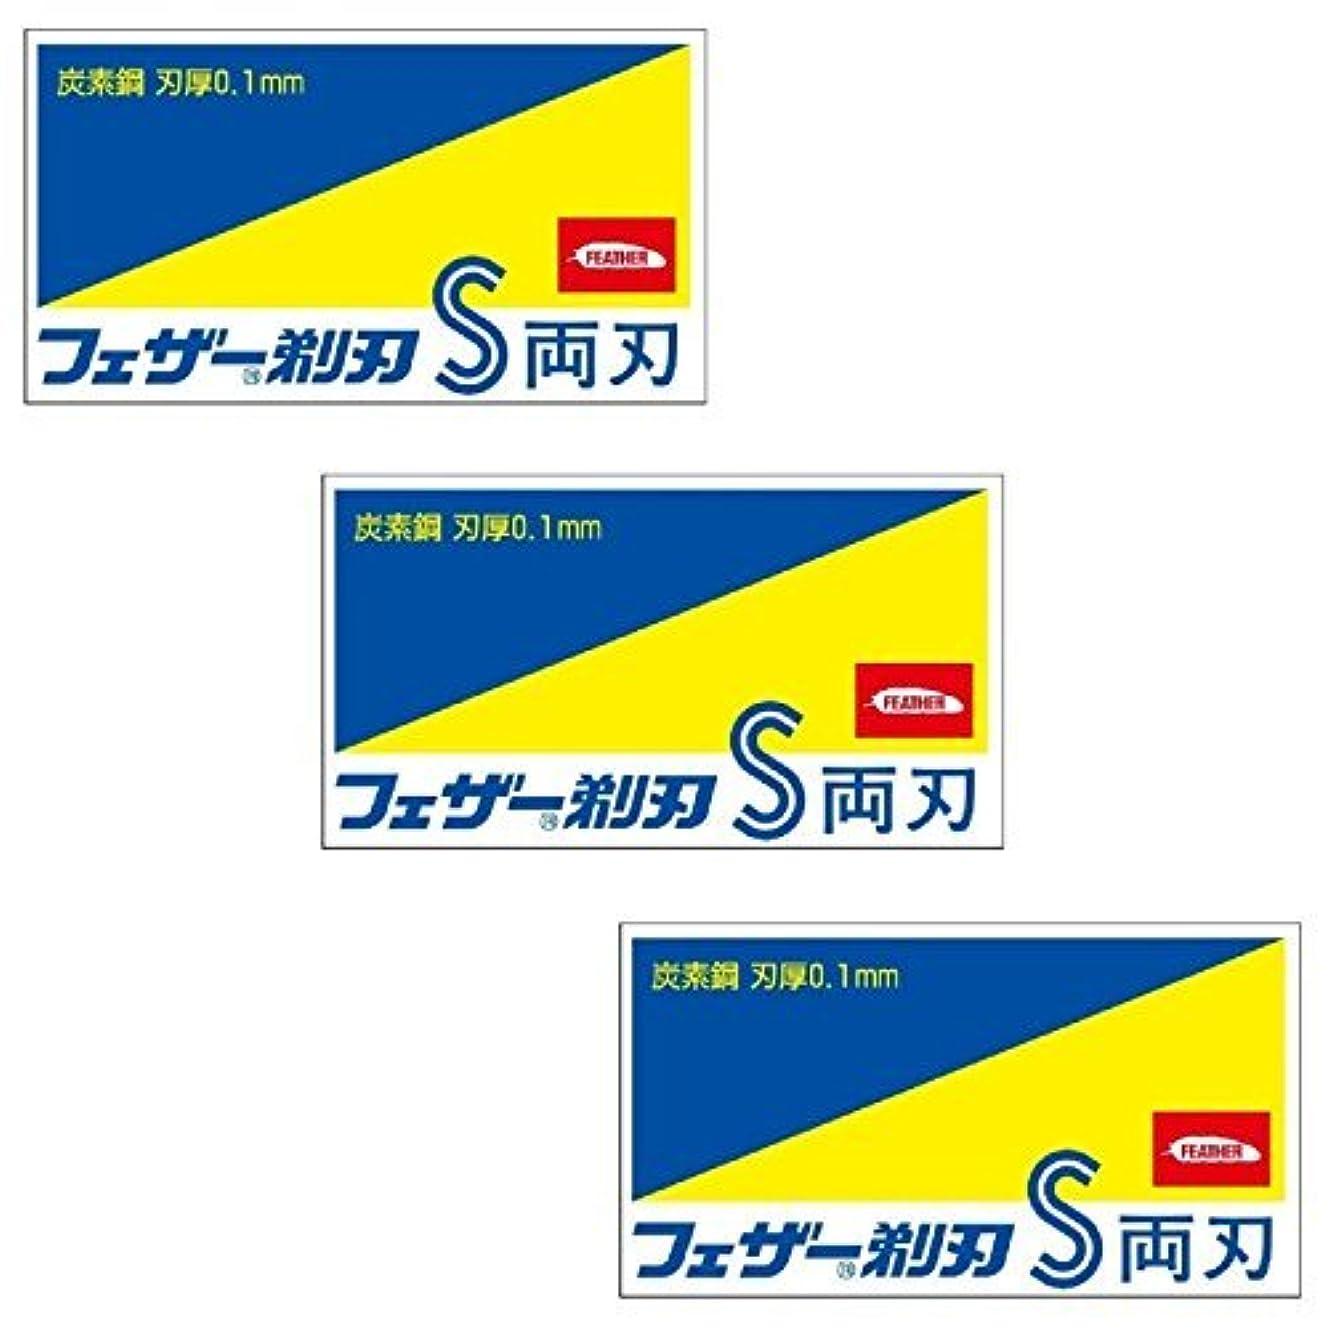 元気エクスタシーまつげ青函両刃 10枚入 箱 × 3個セット